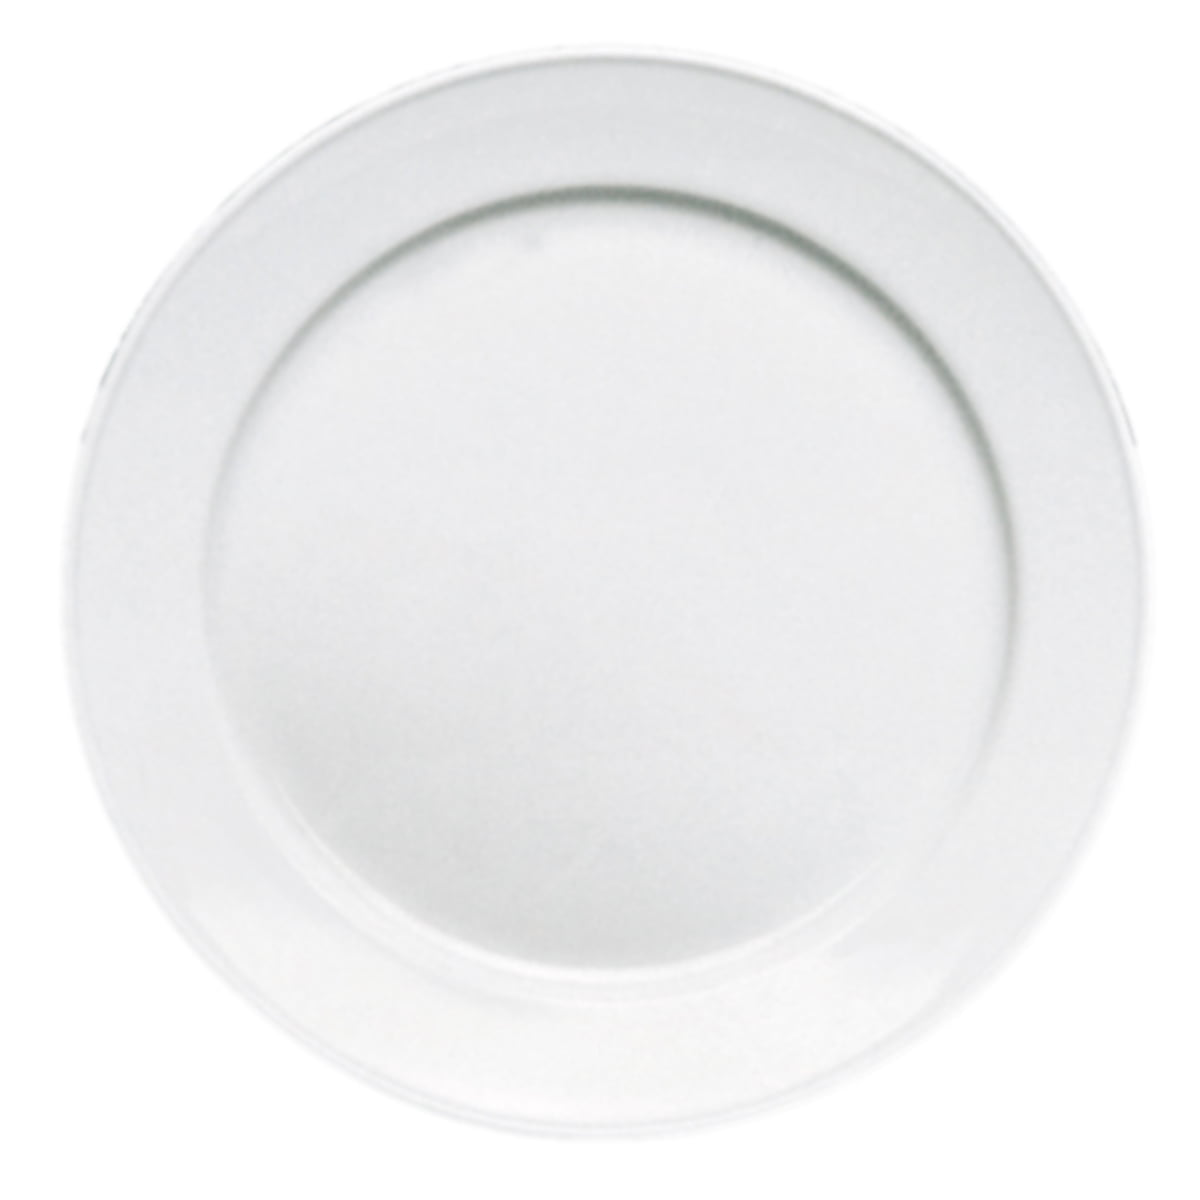 Wagenfeld - Speiseteller Ø 27 cm, weiß